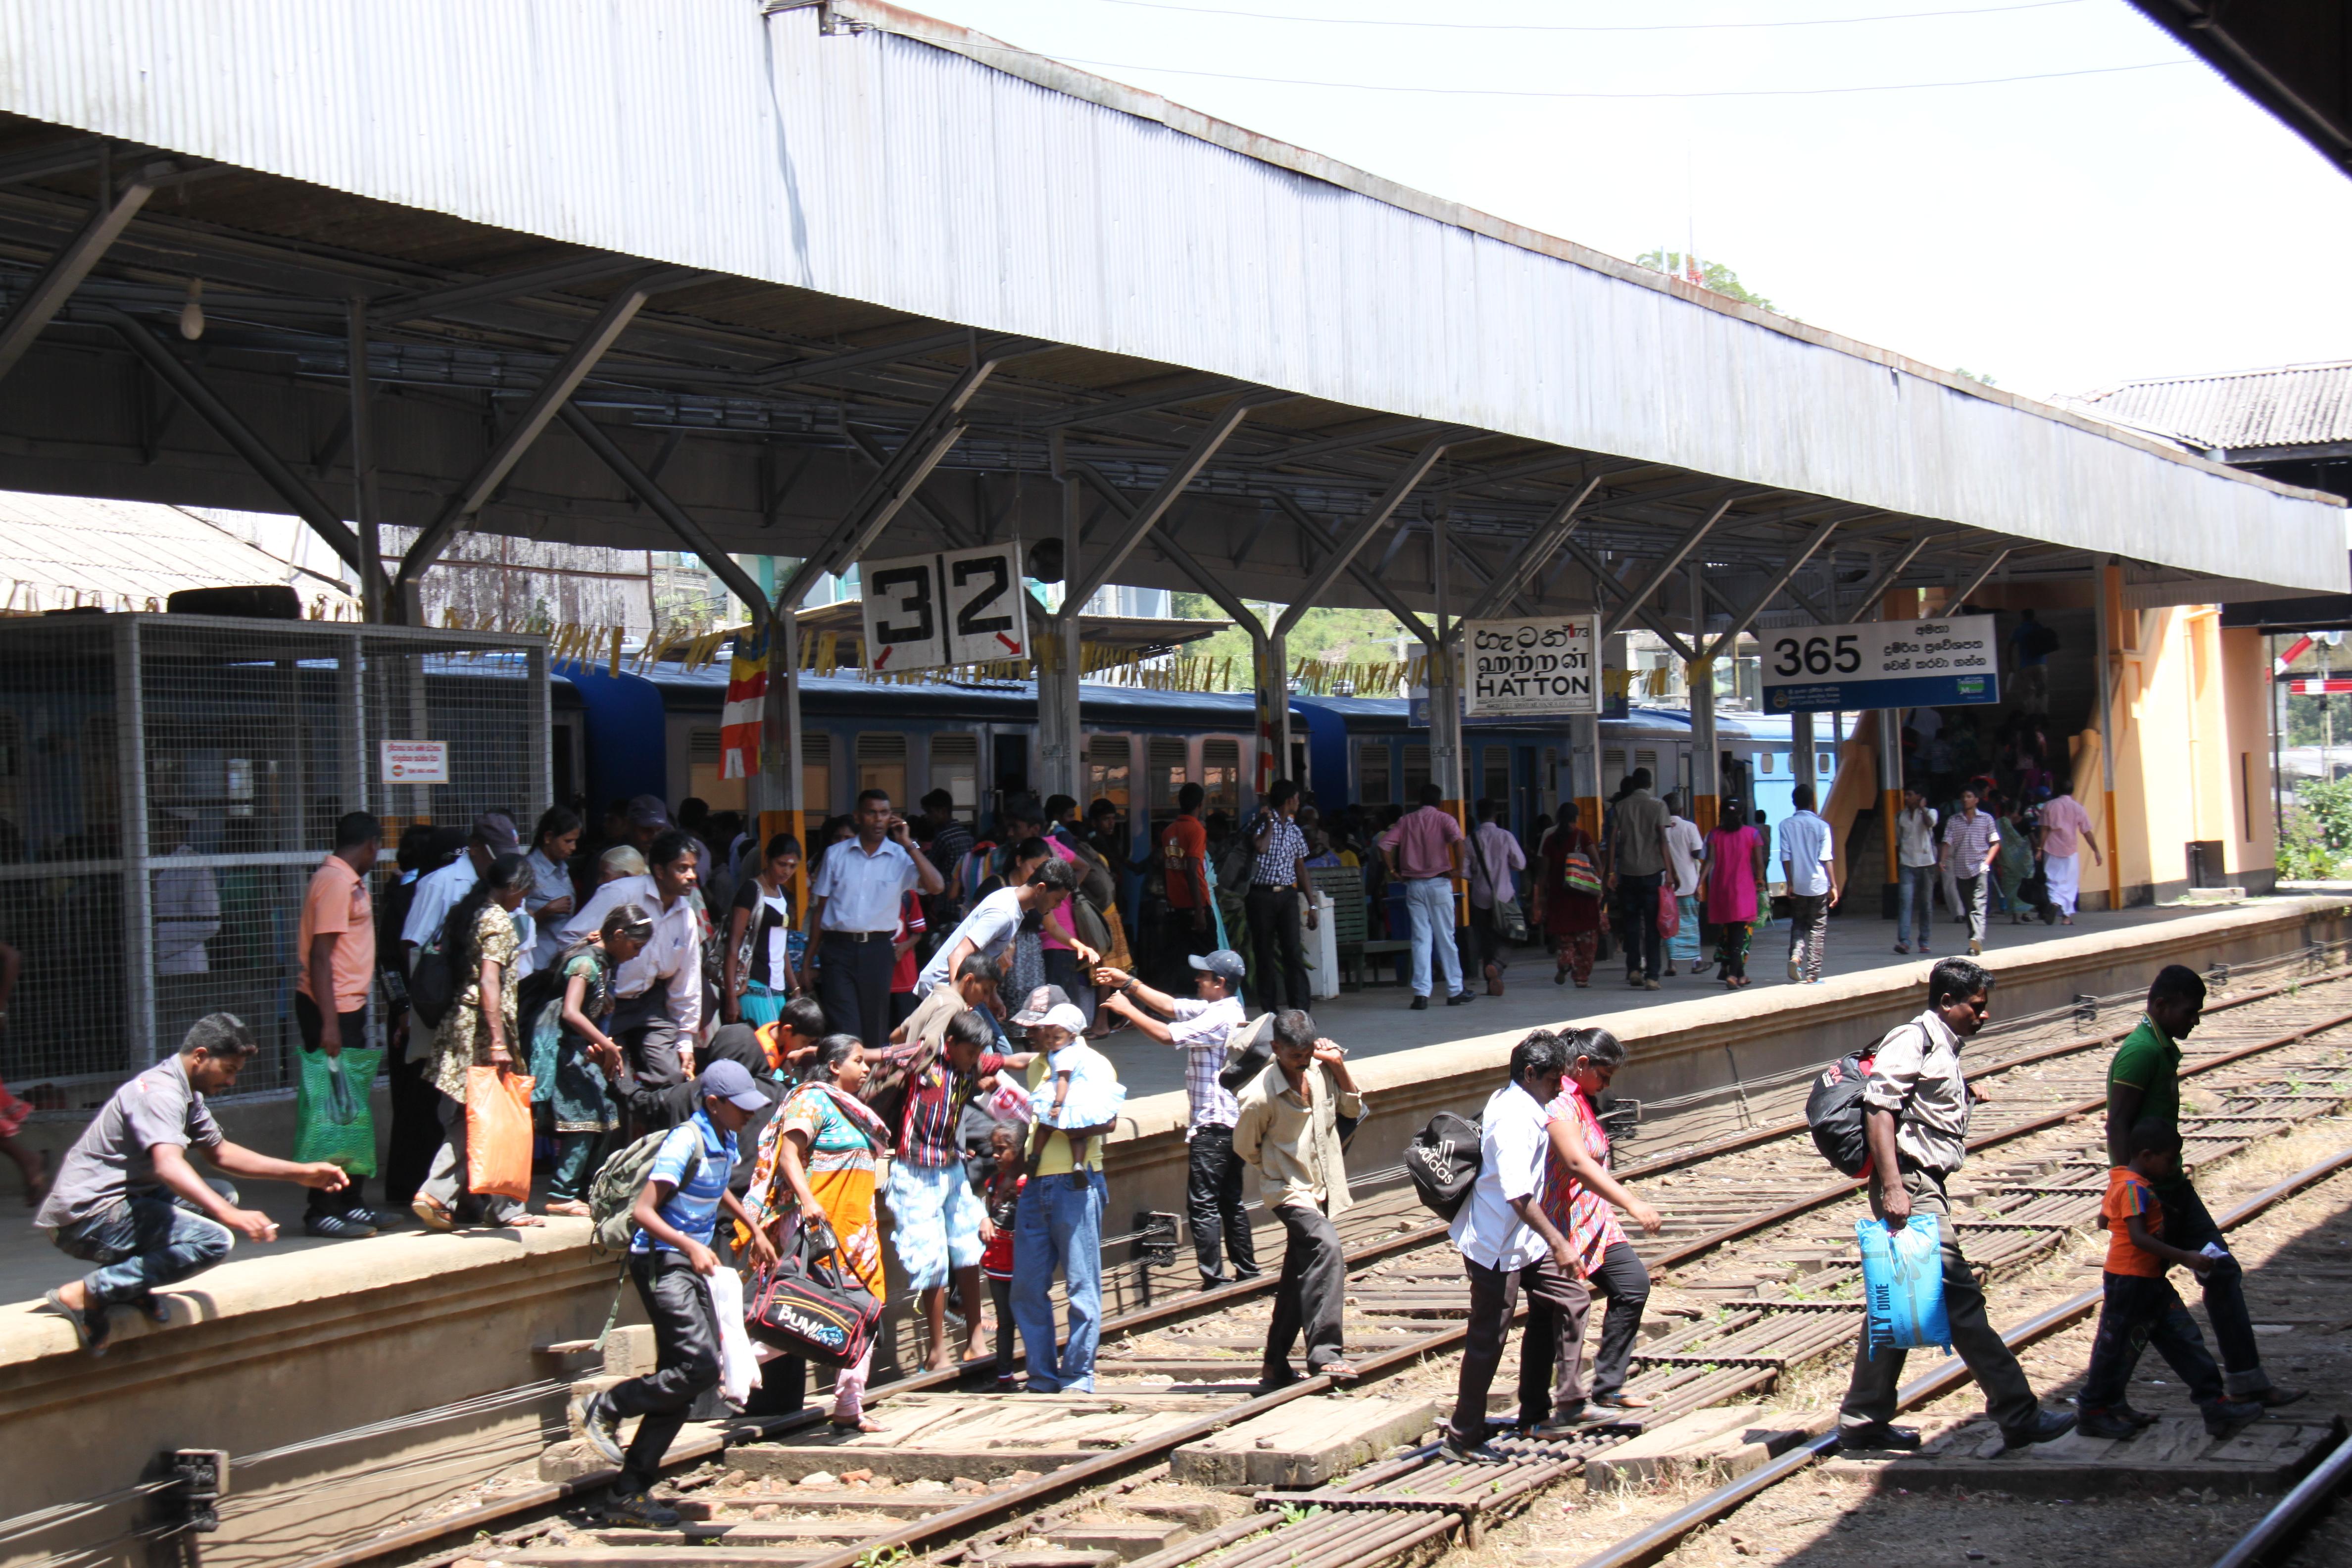 Gare sri lanka, gens sur les voies